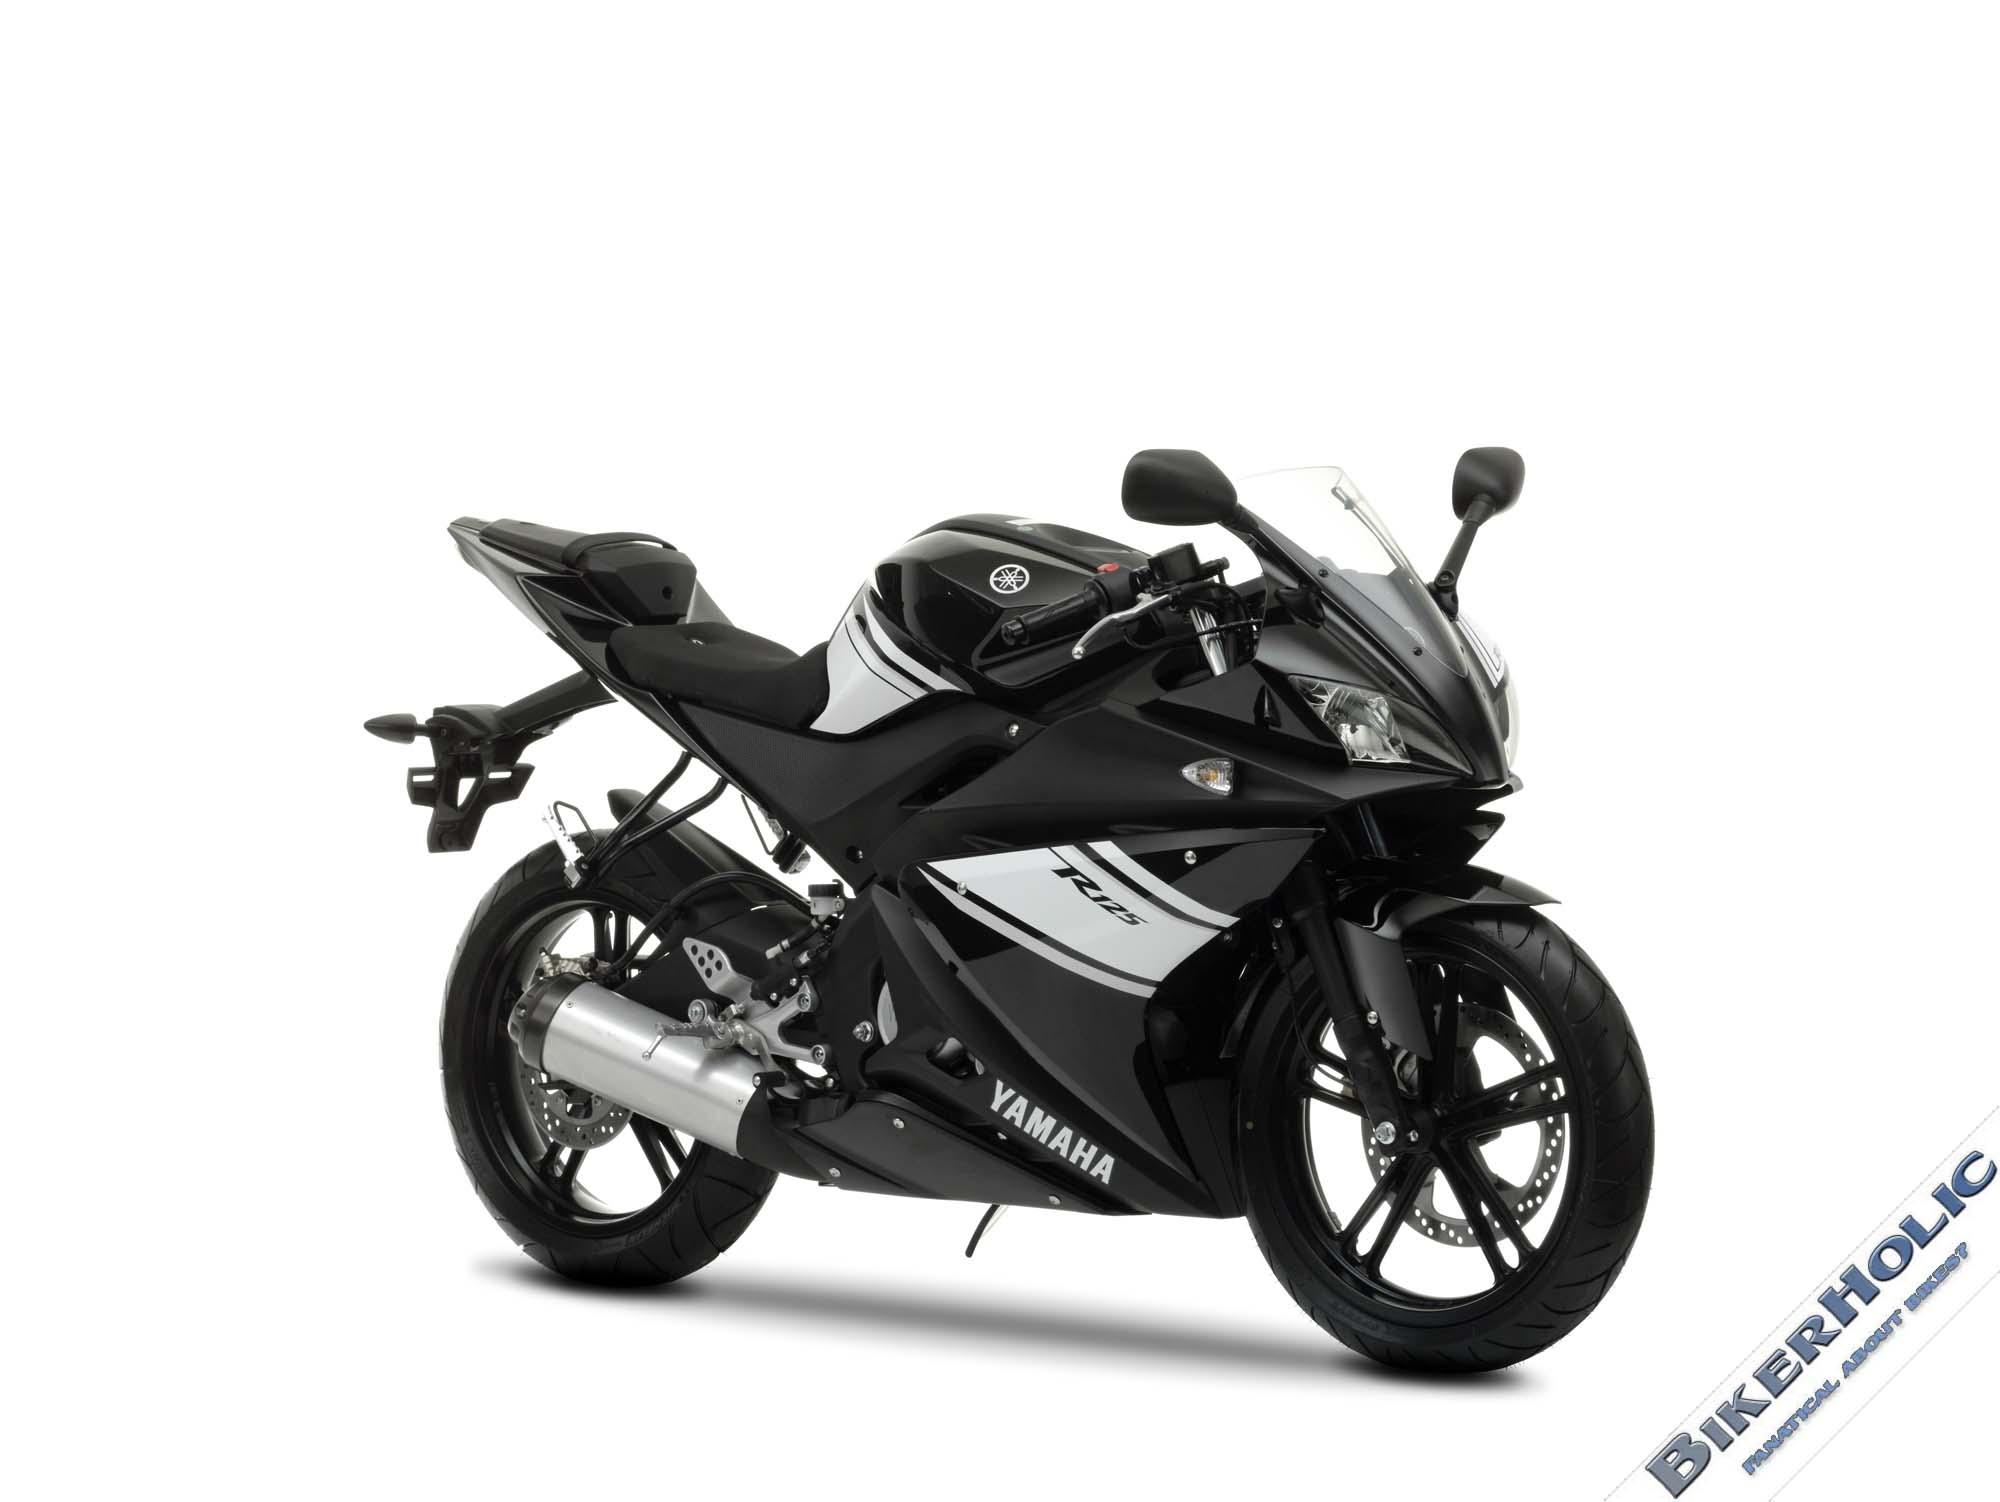 YAMAHA YZF-R125 black